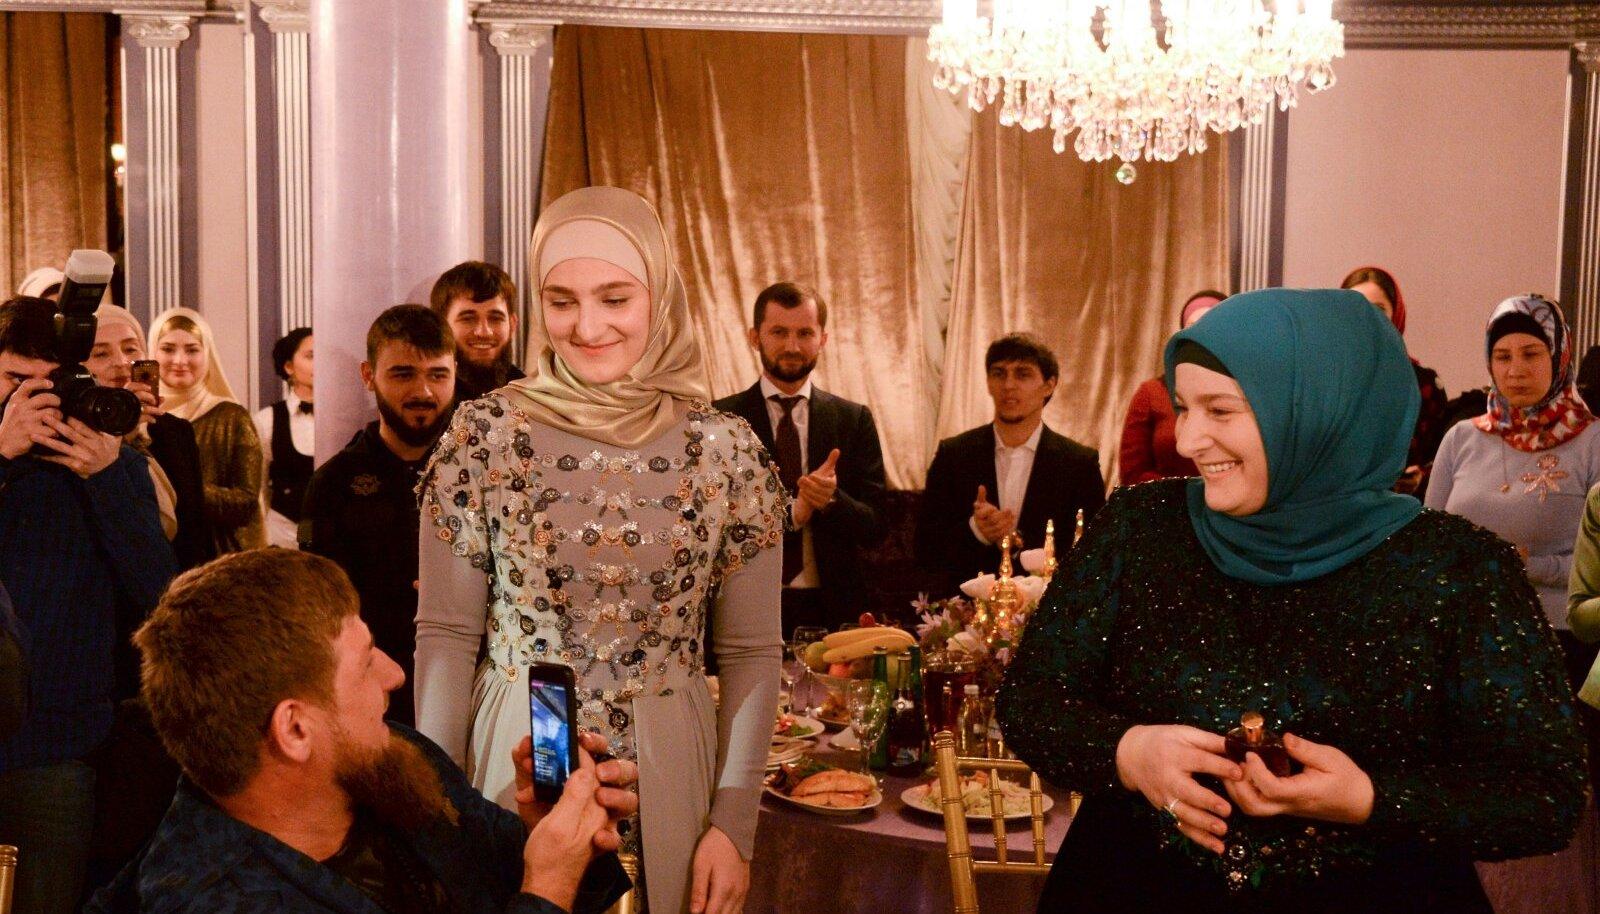 Avalikkuses liigub Tšetšeenia juht Ramzan Kadõrov ainult oma ametliku abikaasa Medniga (paremal). Sel 2017. aasta fotol viibivad nad tütar Aišati (keskel) juhitava perekondliku moemaja Firdaws etendusel.